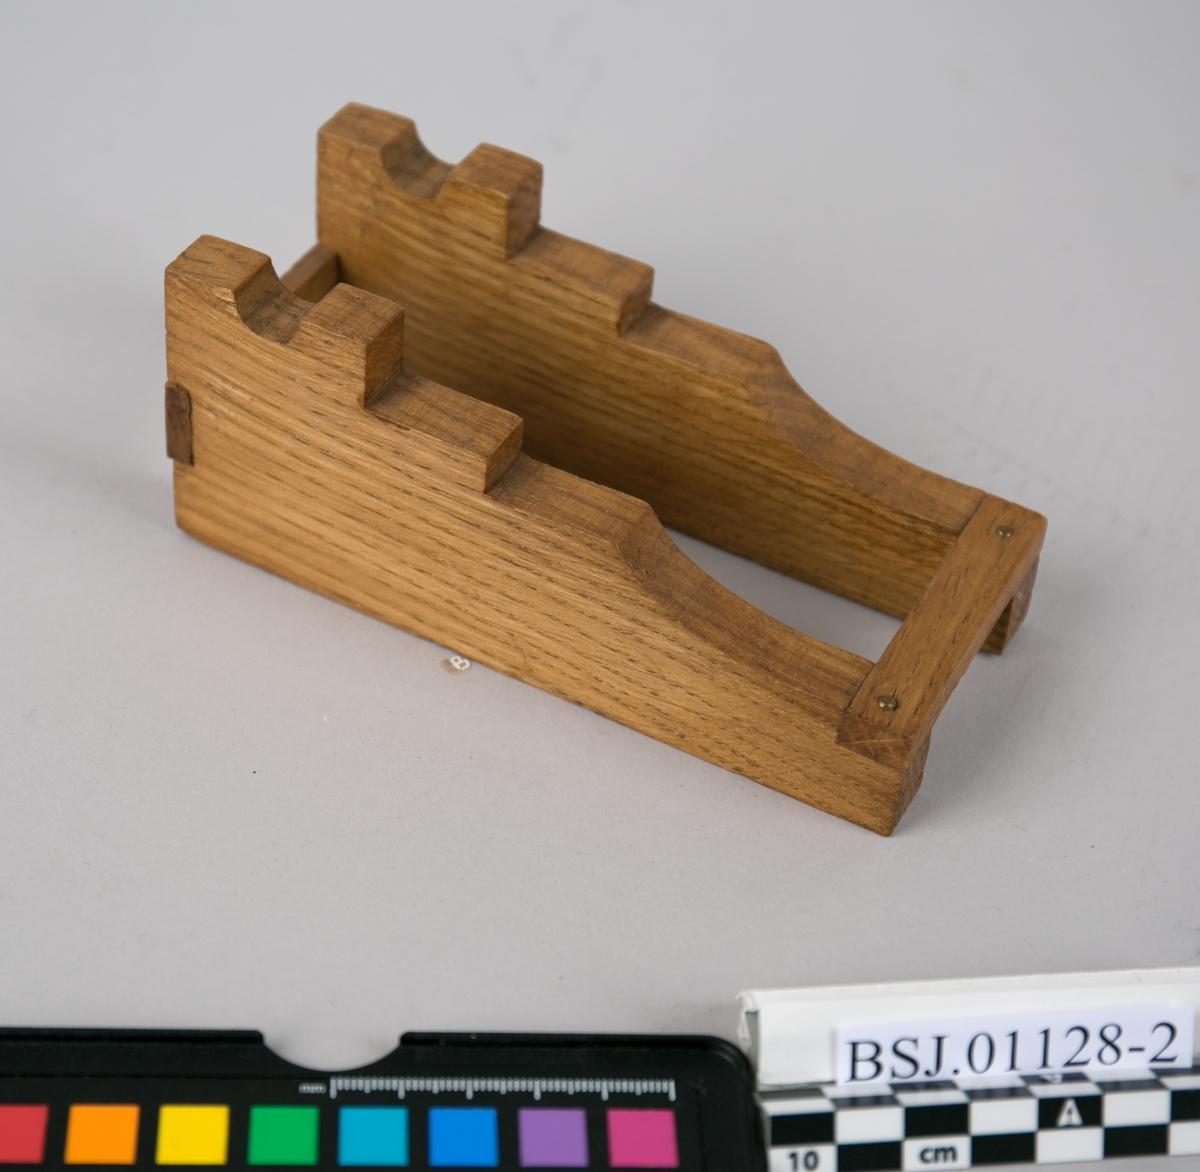 Modell av lavett av tre. Del av kanonmodell på lavett.